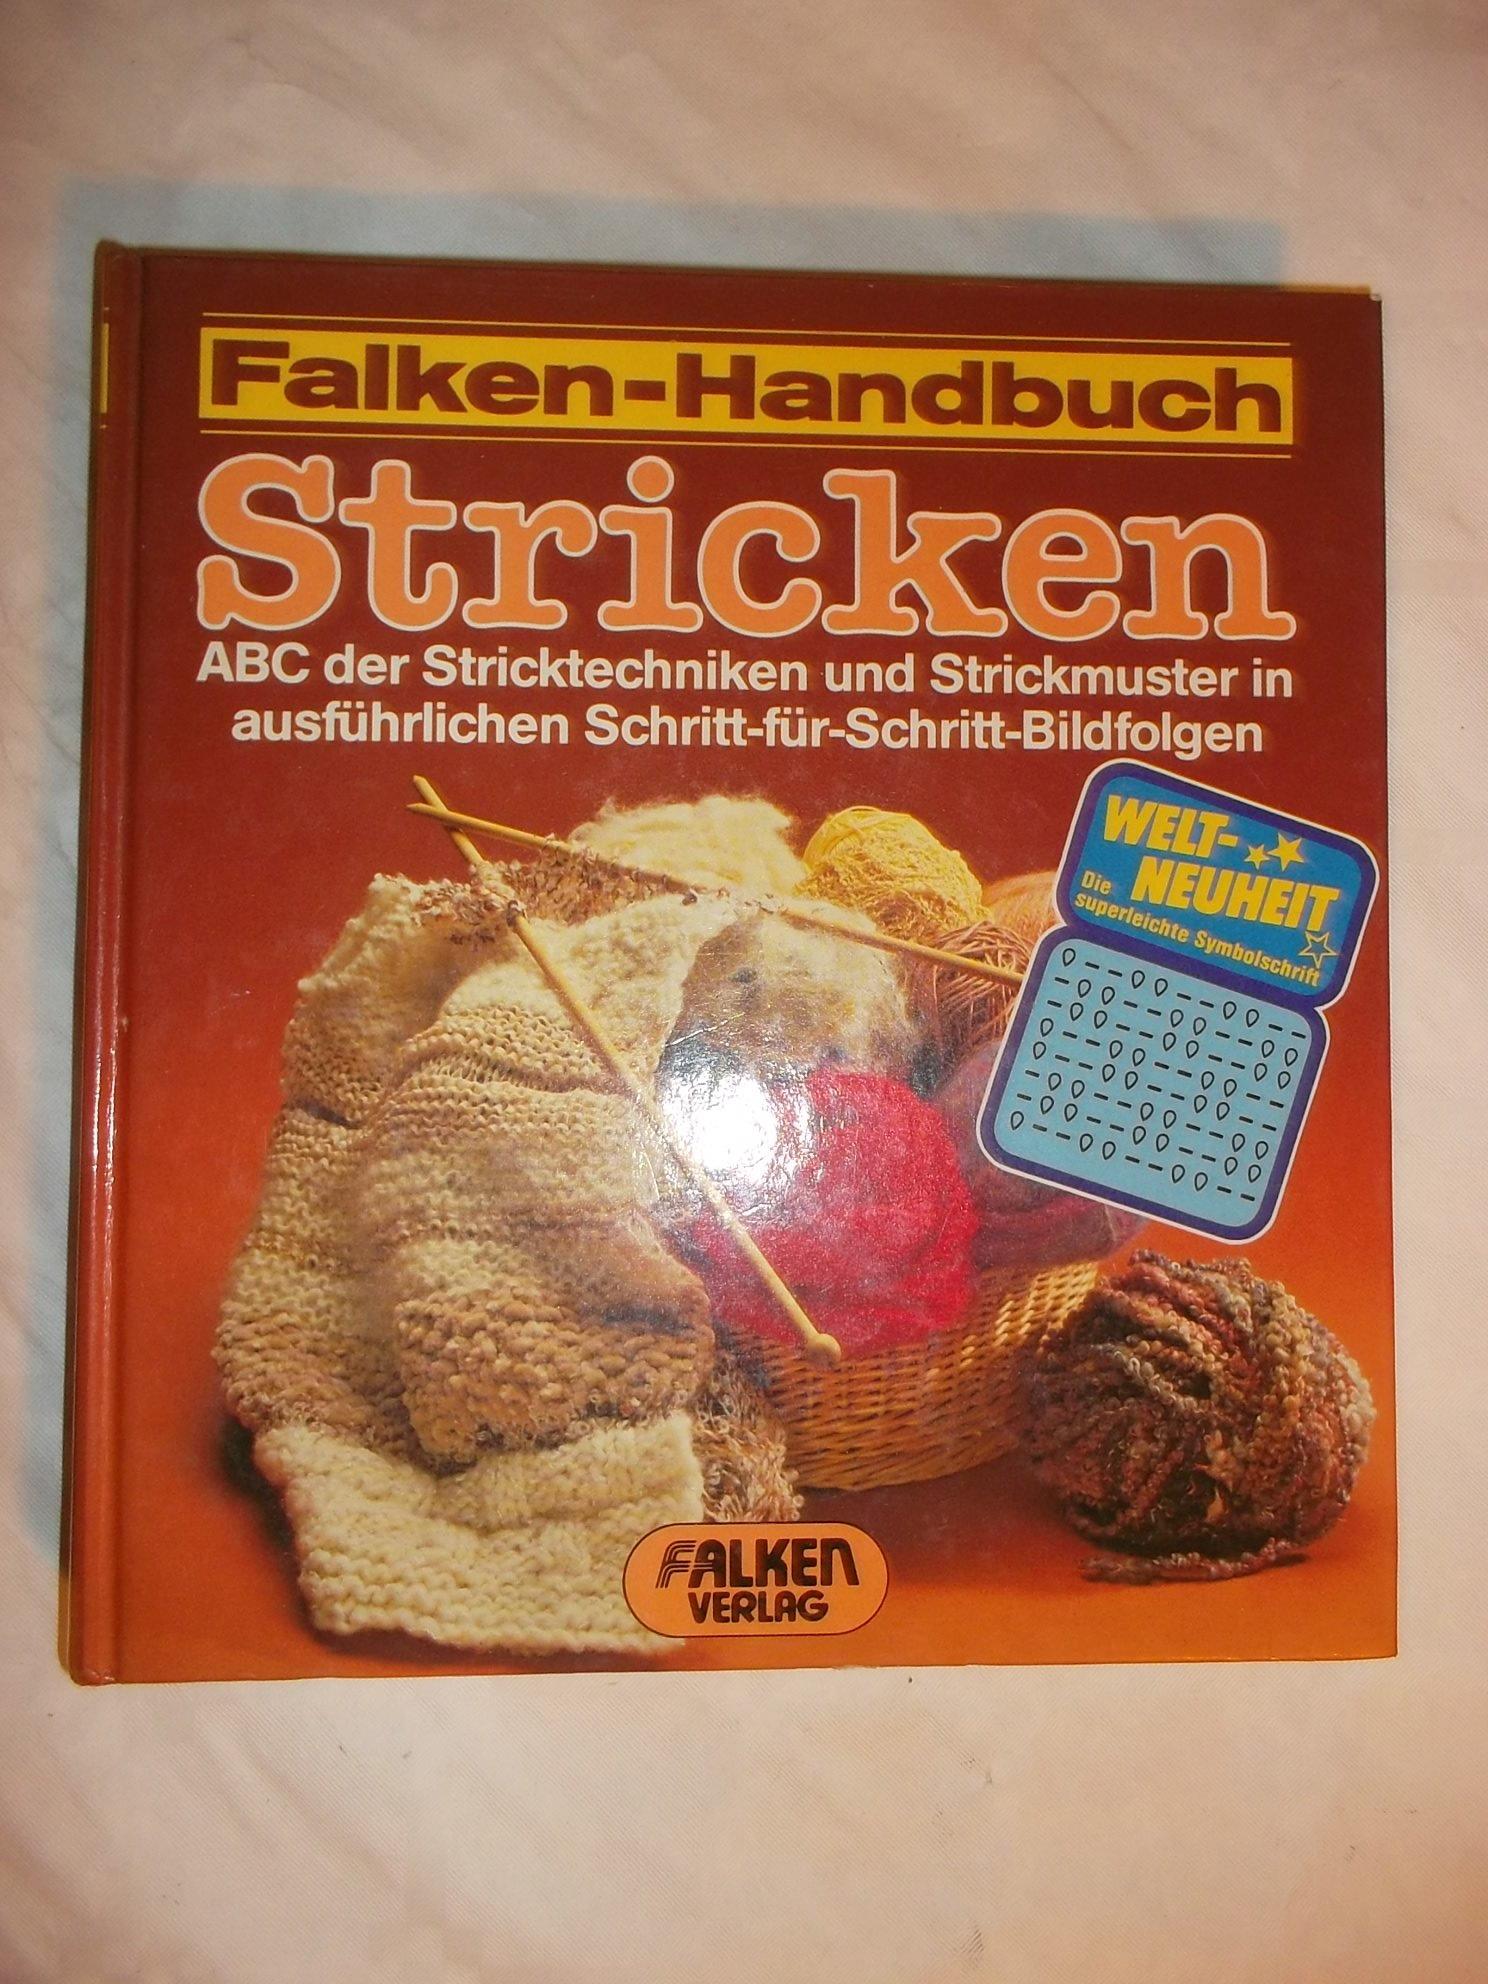 Falken-Handbuch Stricken. ABC der Stricktechniken und Strickmuster in ausführlichen Schritt-für-Schritt Bildfolgen